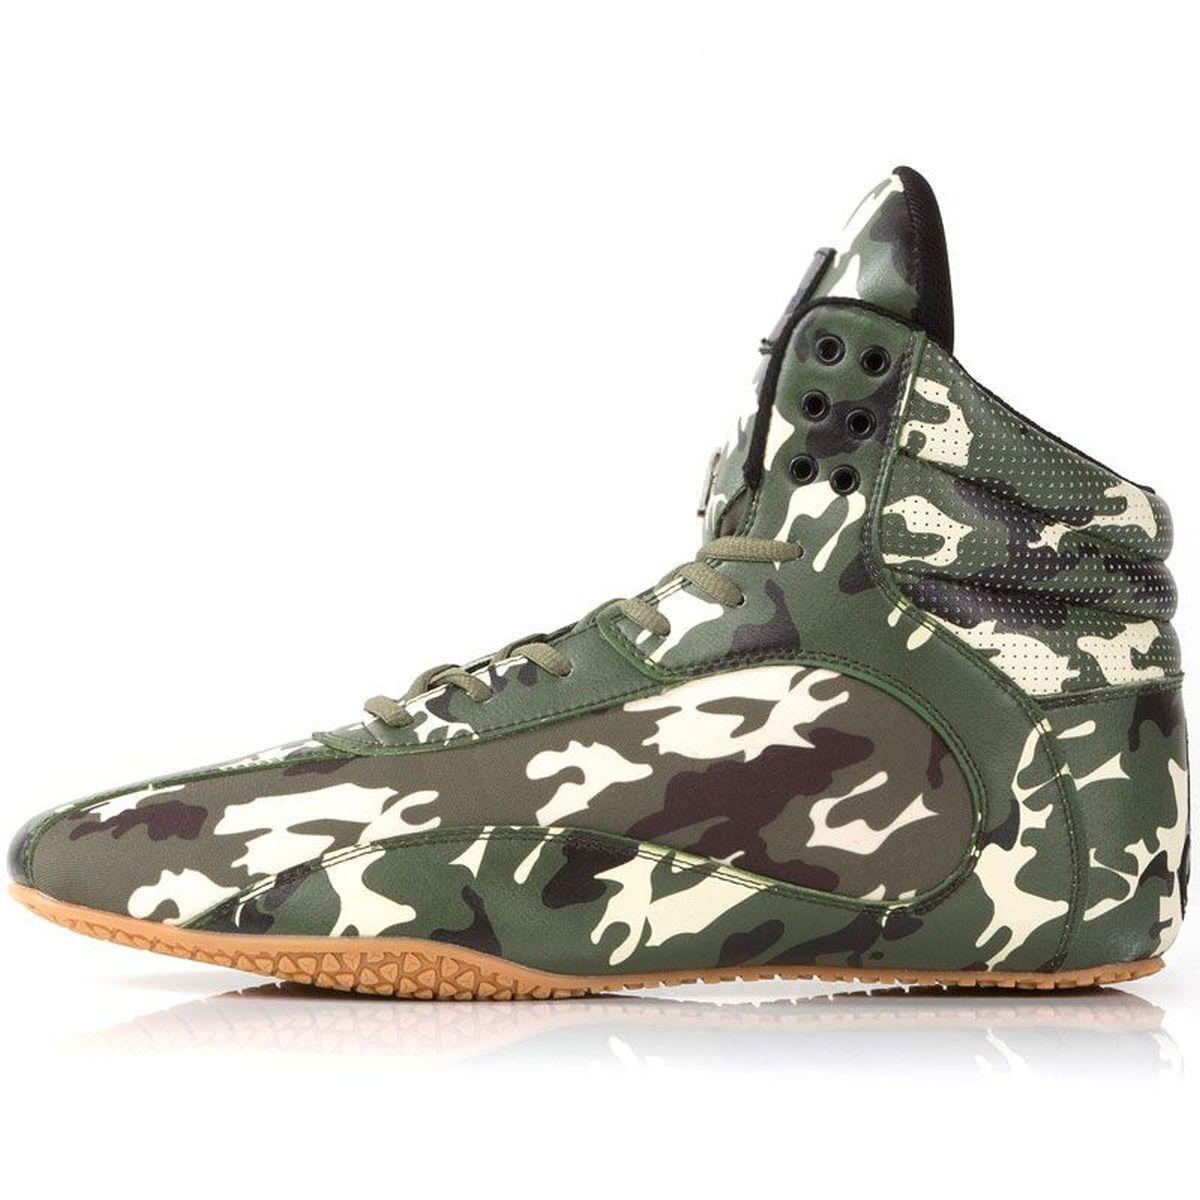 Ryderwear D-Mak Camo Shoes- New